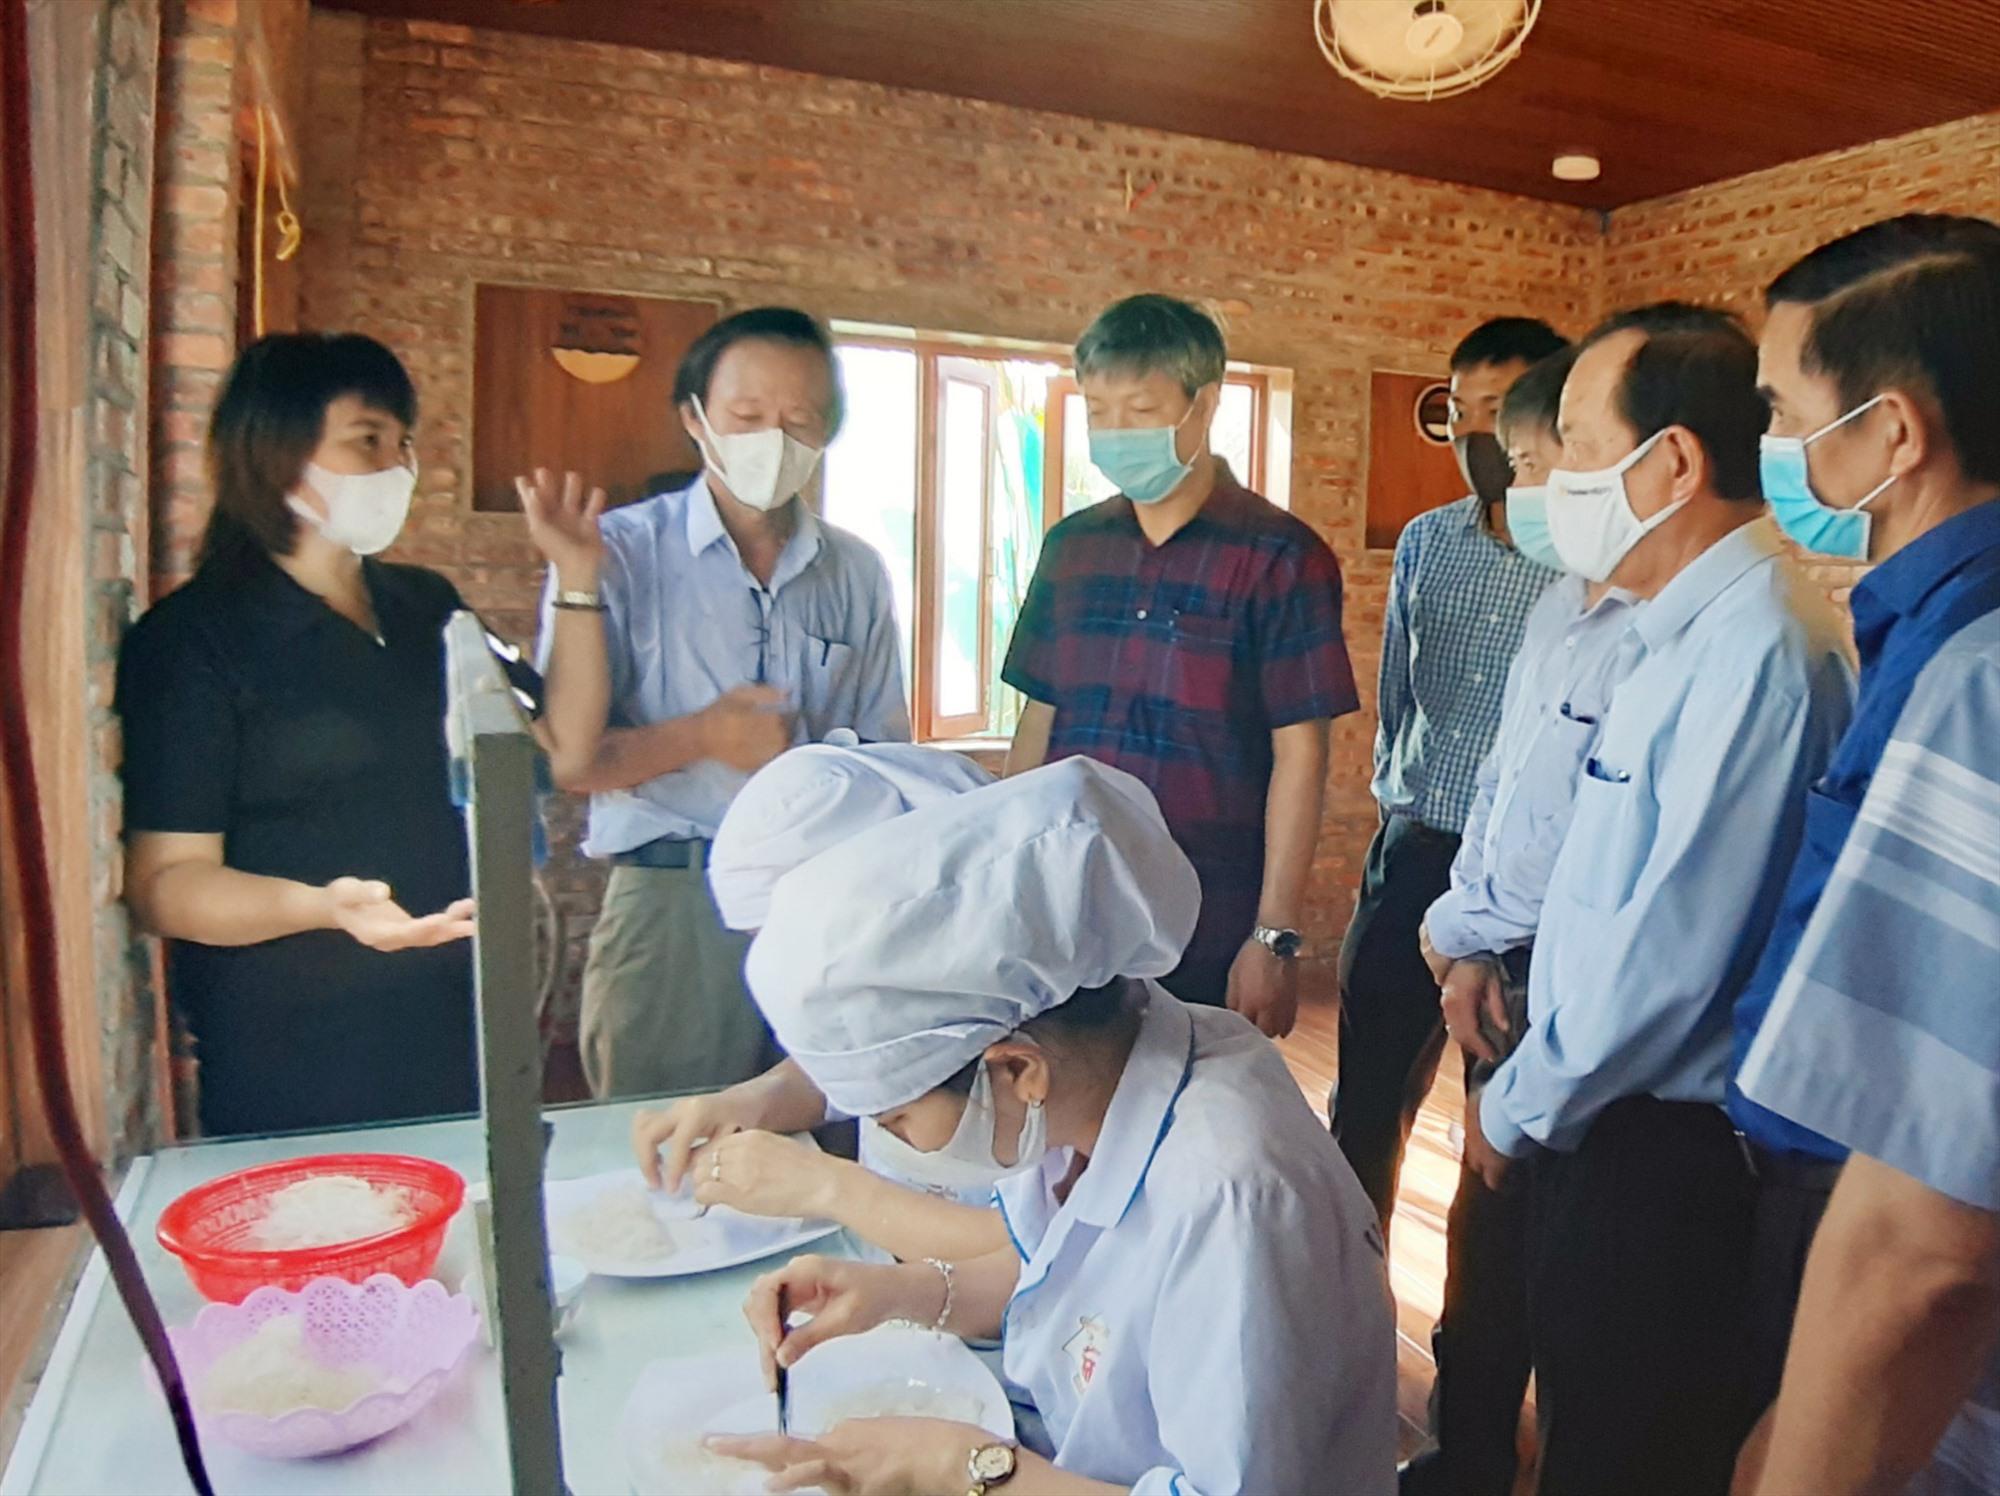 Phó Chủ tịch UBND tỉnh Hồ Quang Bửu cùng đoàn công tác của tỉnh khảo sát tình hình sản xuất và tiêu thụ sản phẩm tại Công ty Yến sào Đất Quảng. Ảnh: T.L